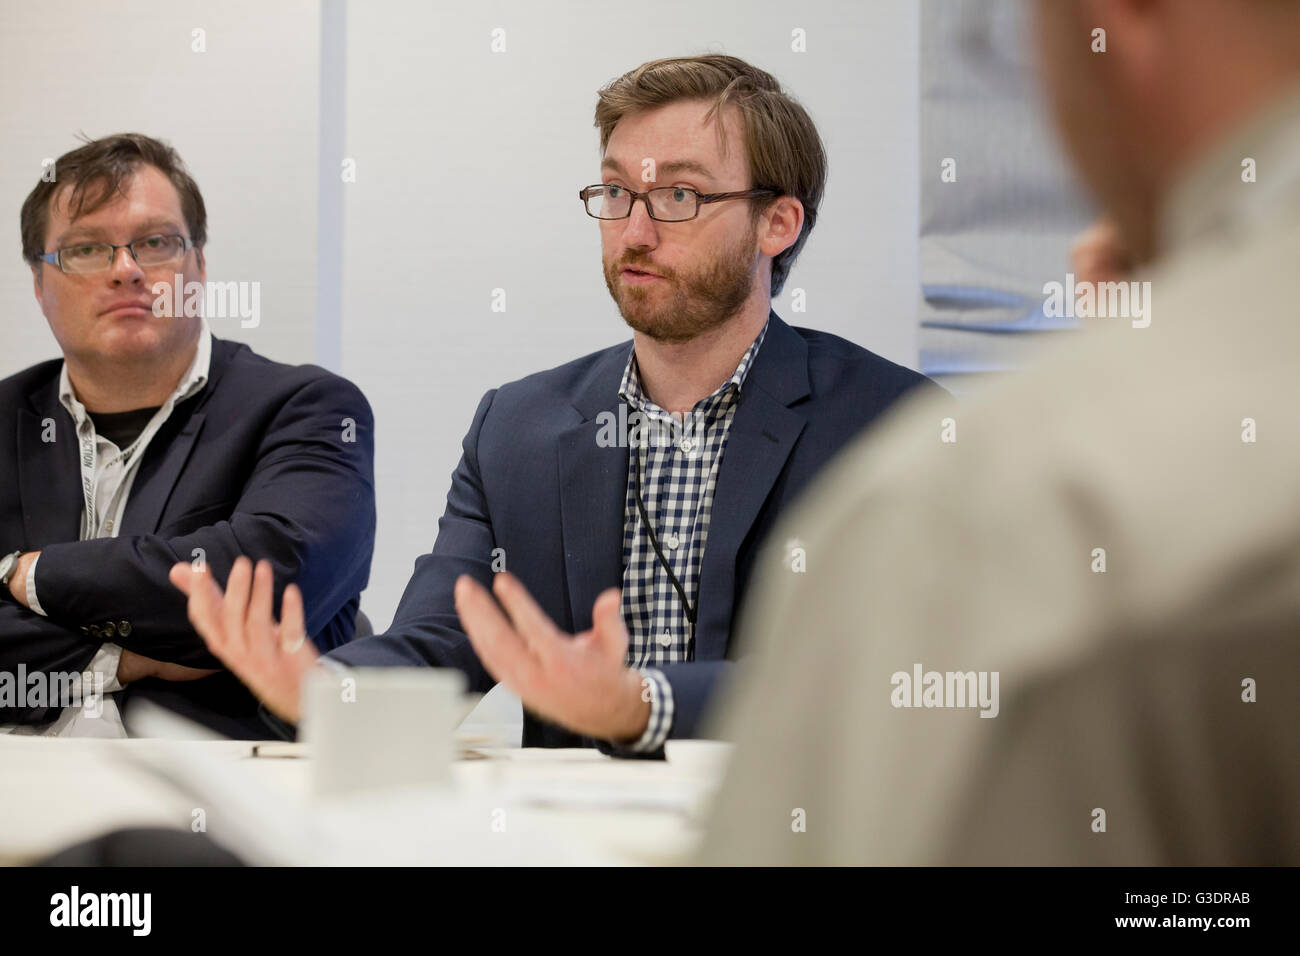 Hombre de negocios en una oficina, reunión de negocios - EE.UU. Imagen De Stock